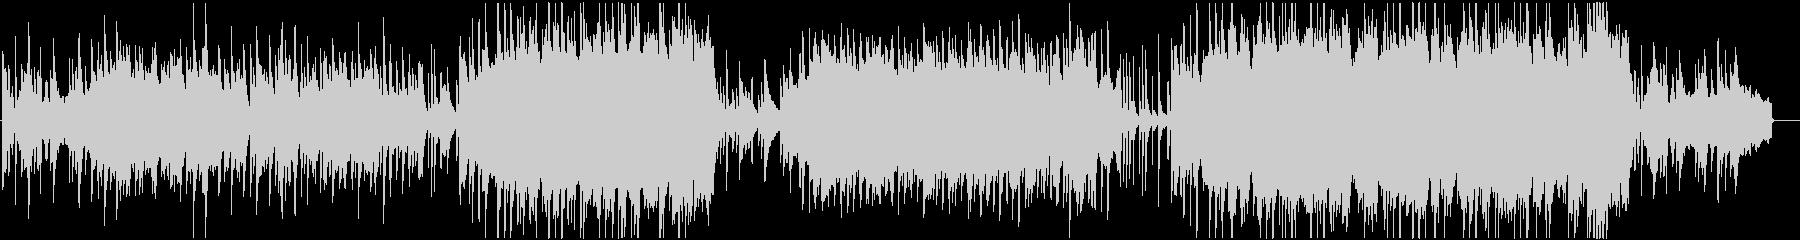 ピアノと弦楽器の寂しげなインスト曲の未再生の波形